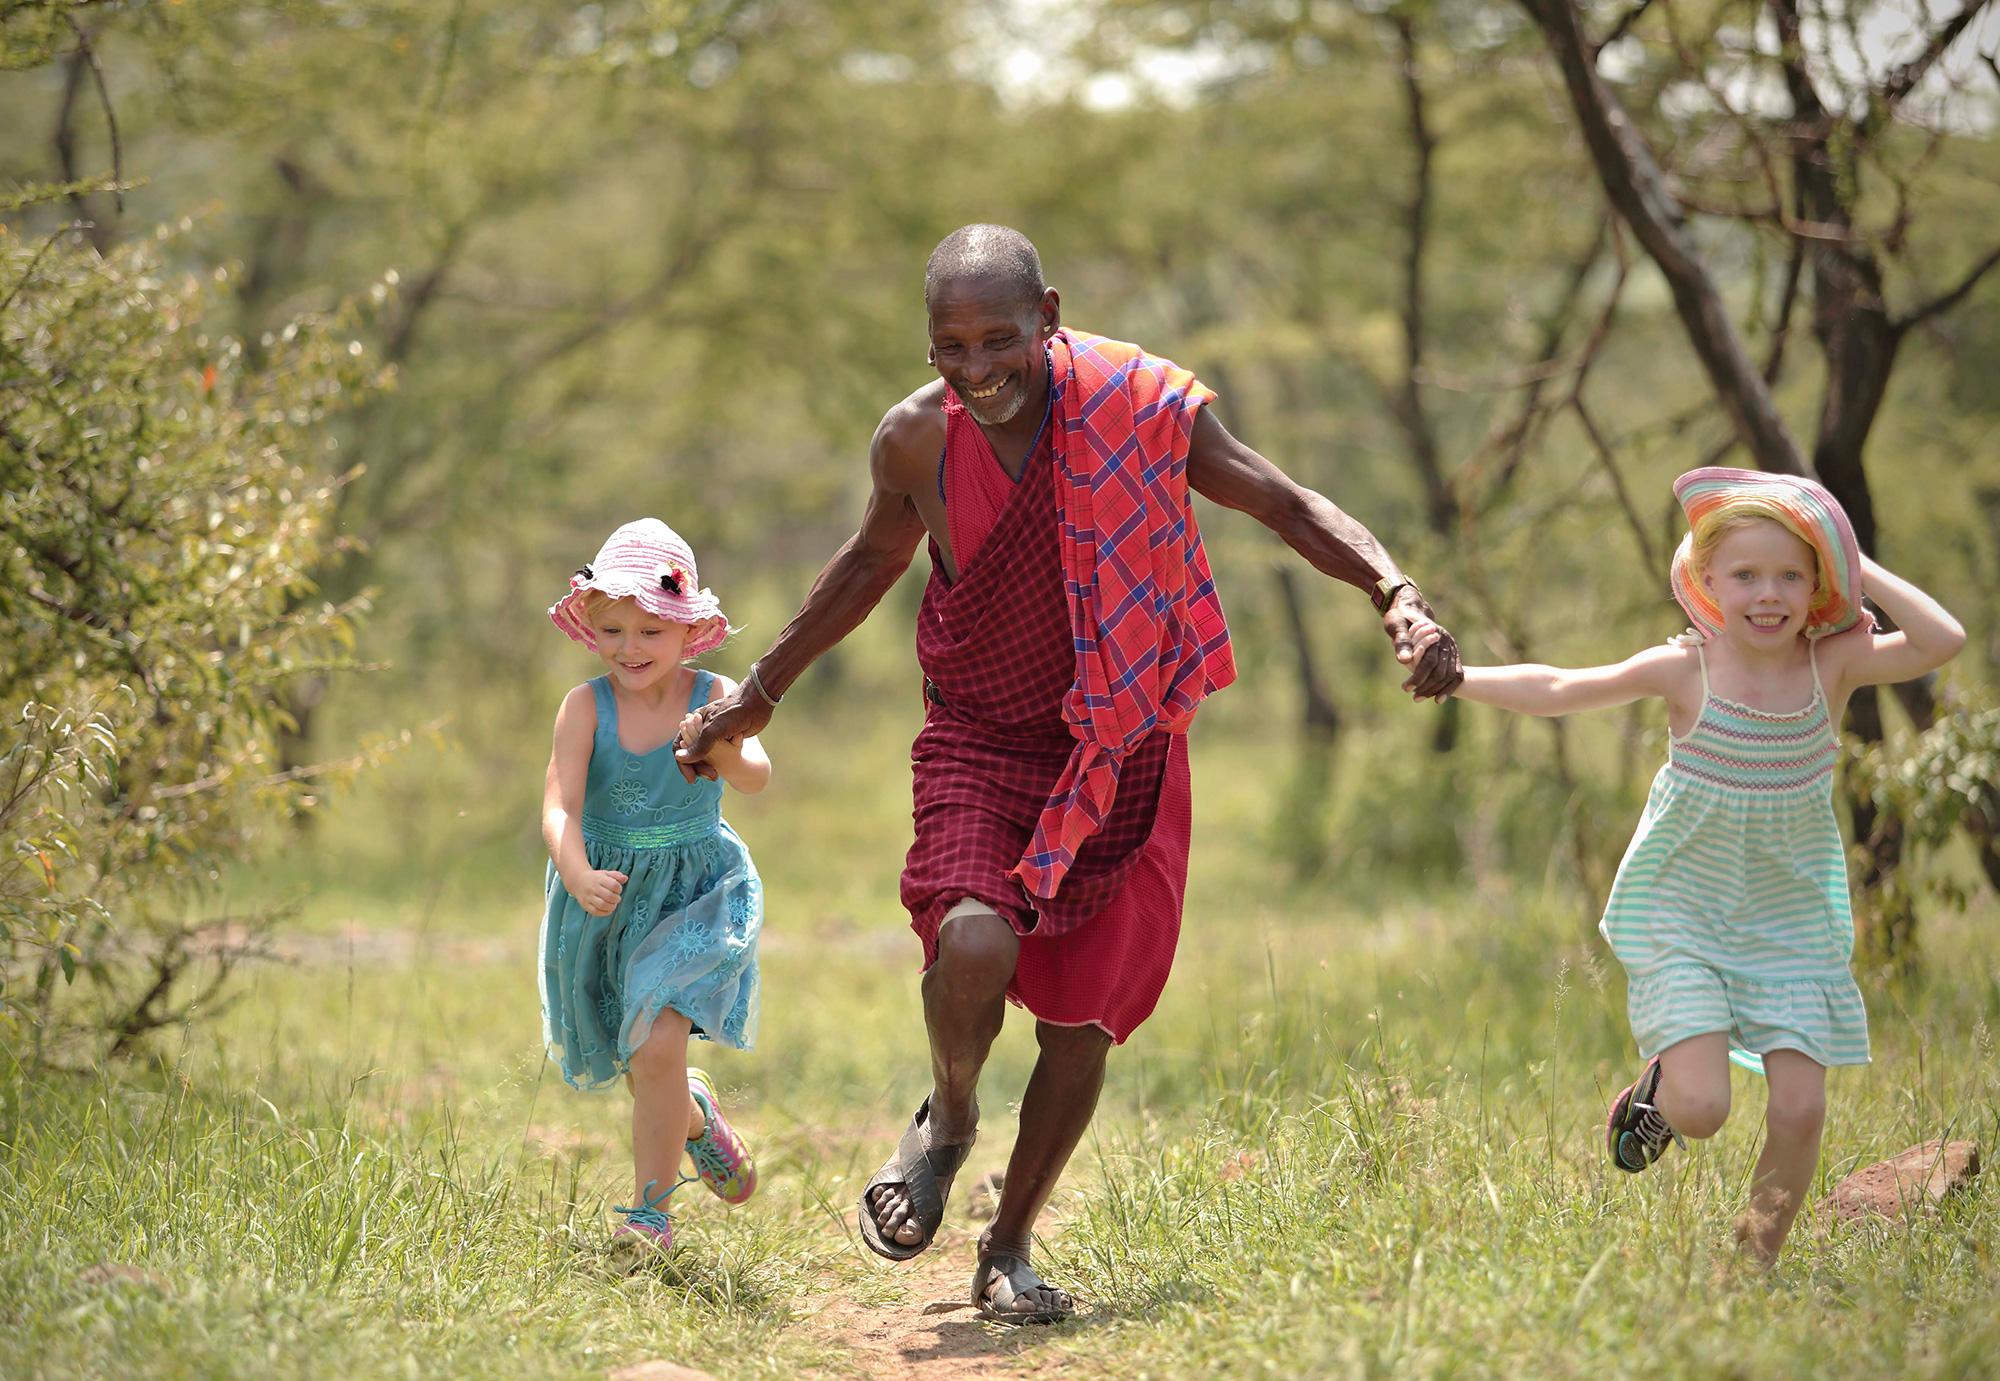 Naboisho-Camp-guide-and-children-running-Stevie-Mann.jpg